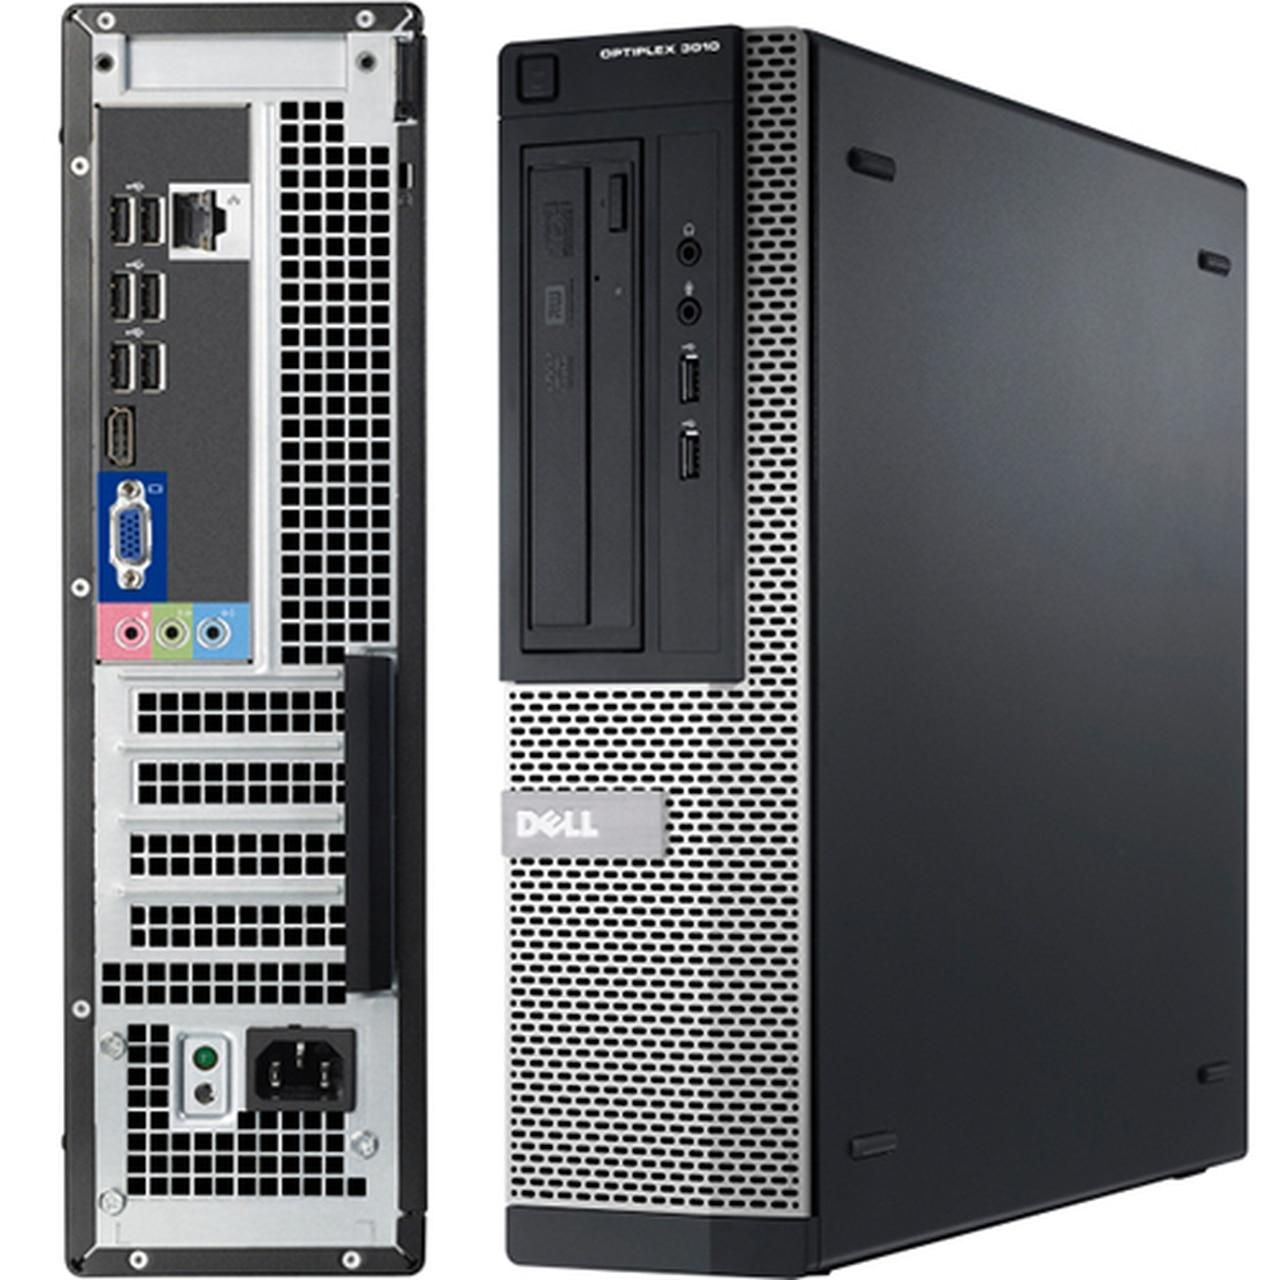 Dell OptiPlex 3010 DT Pentium 2,9 GHz - HDD 2 TB RAM 8 GB